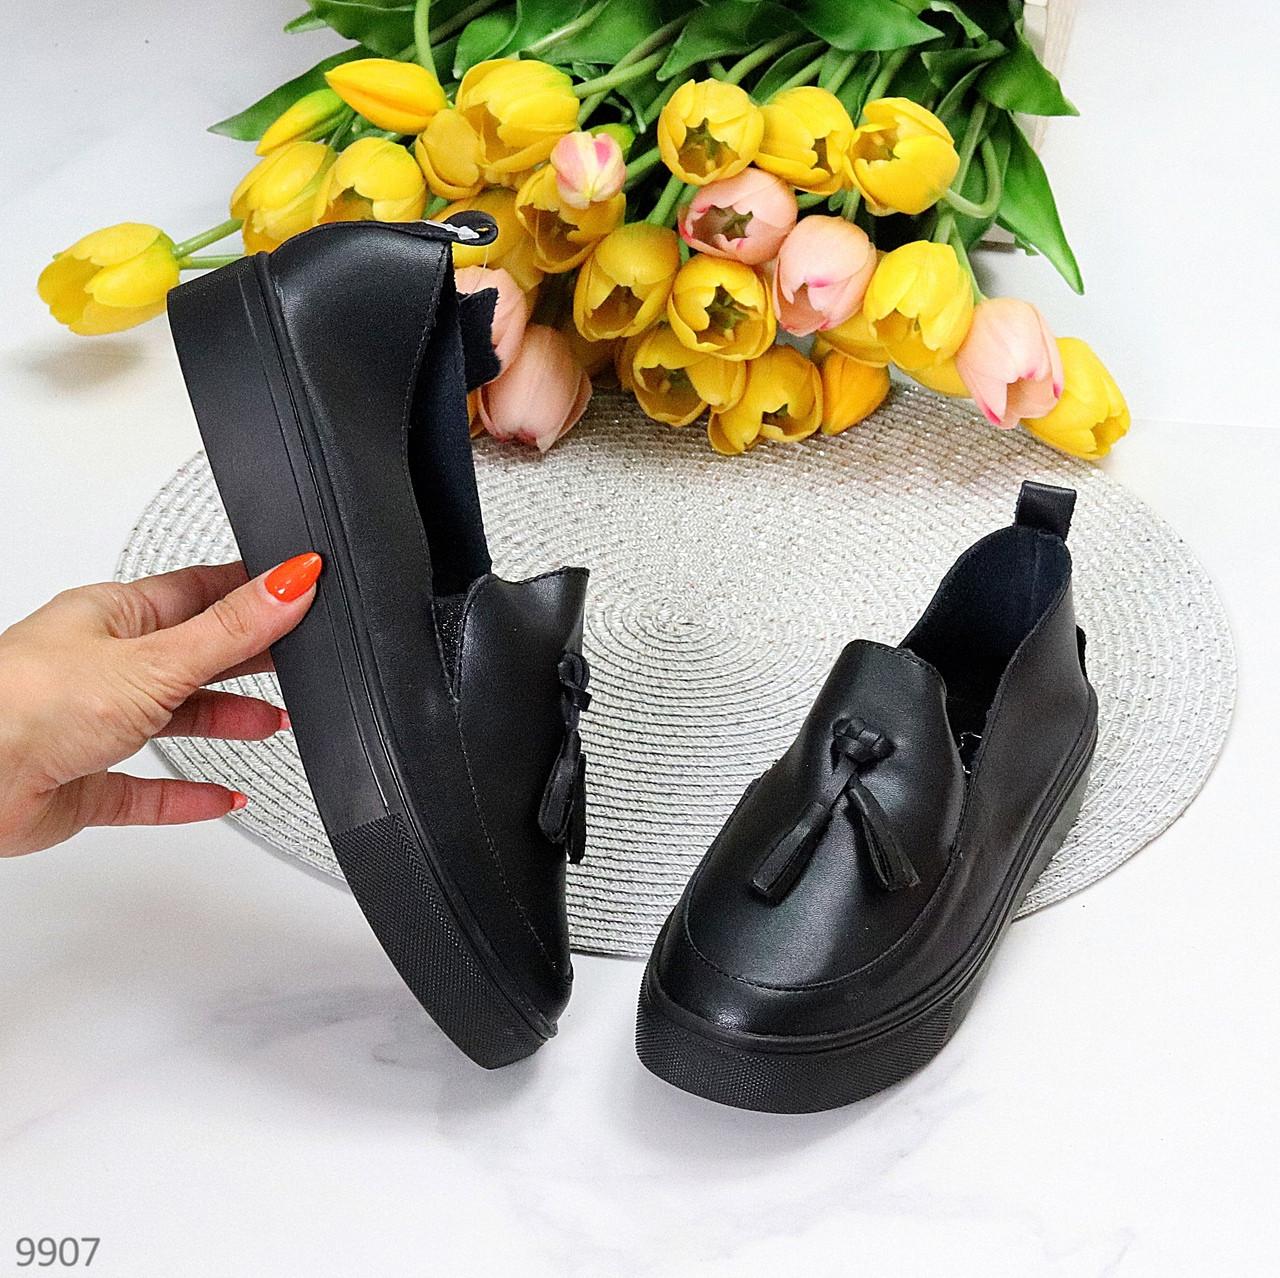 Актуальні чорні шкіряні жіночі туфлі мокасини натуральна шкіра 38-24,5 см